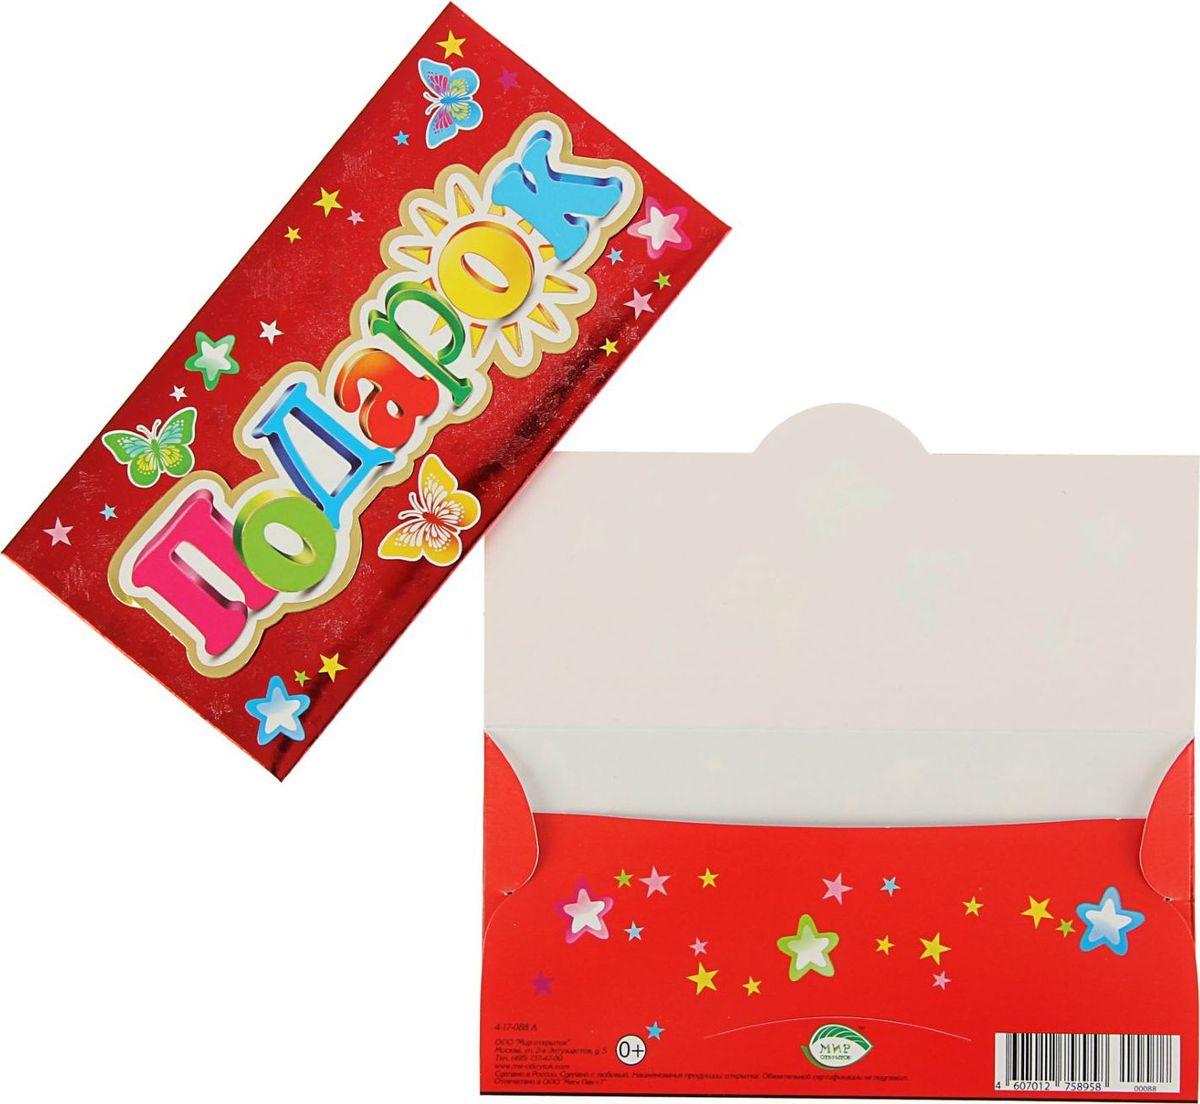 Конверт для денег Мир открыток Подарок. Красный фон, 16,4 х 8,4 см1526255Конверт для денег Подарок. Красный фон, выполненный из плотной бумаги, прекрасно подойдет для вручения денежного подарка. Лицевая сторона конверта украшена ярким орнаментом. Внутри находится отделения для бумажных денег. Подарок в таком конверте будет выглядеть ярко и стильно!